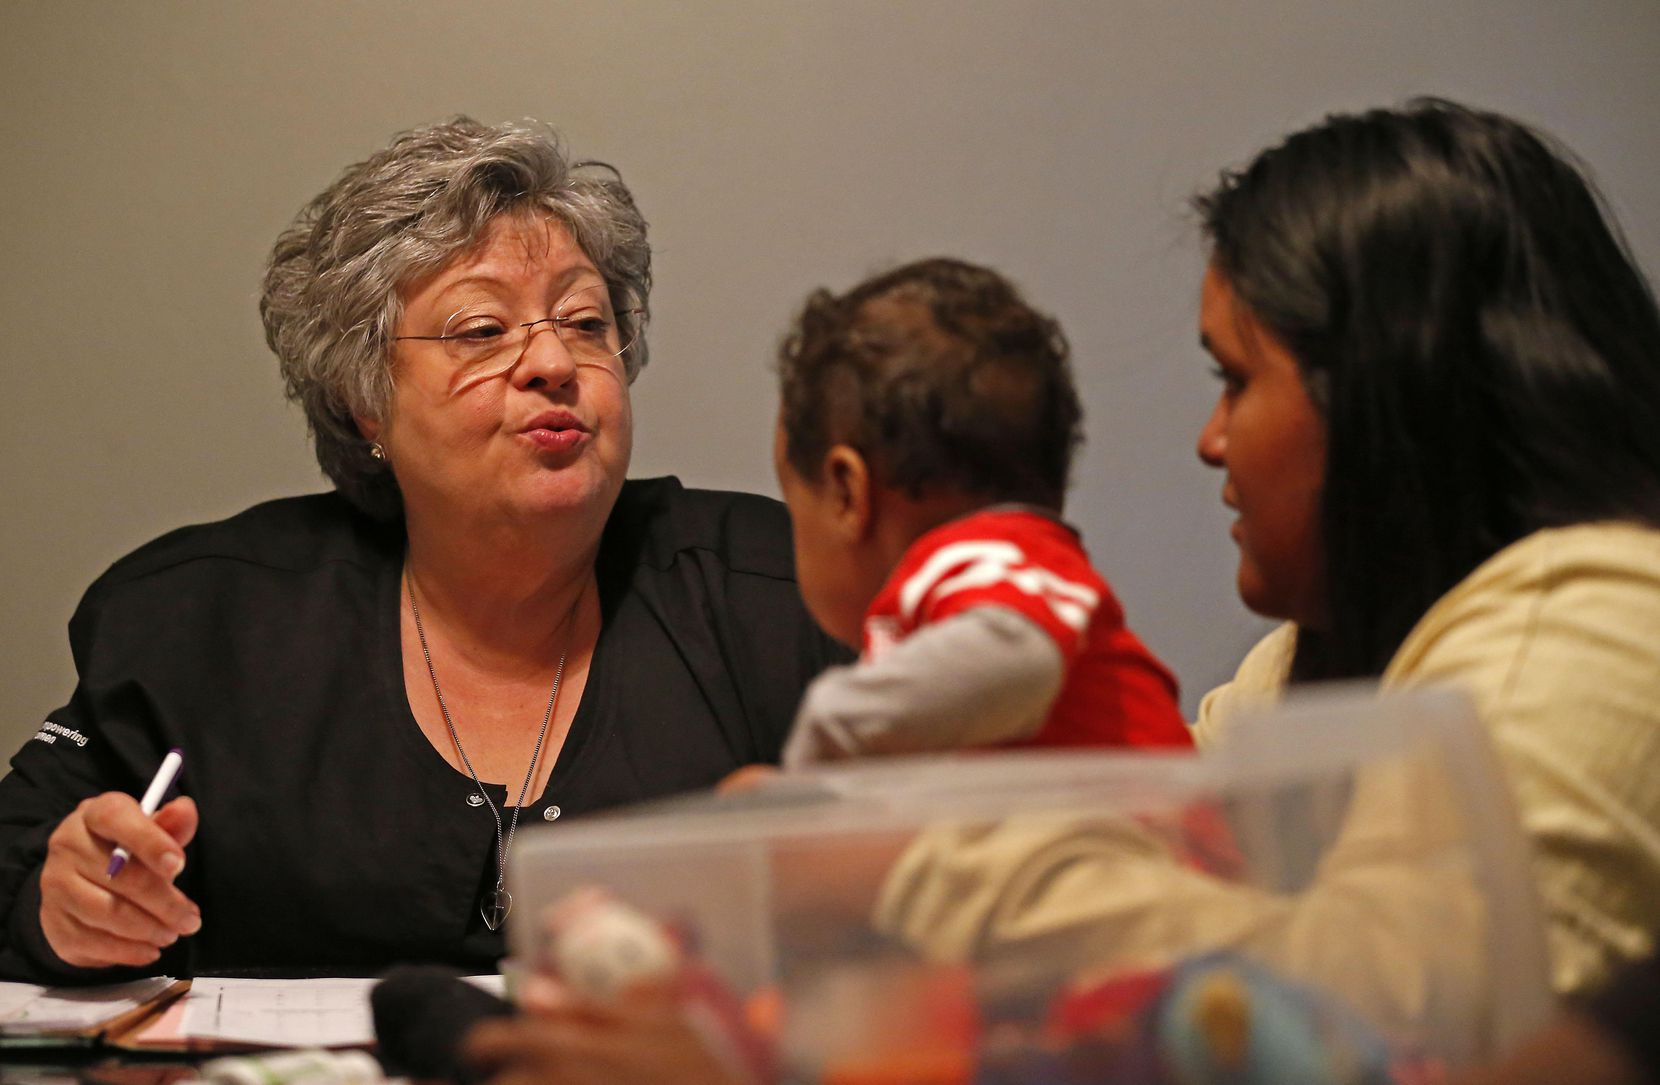 Suzanne Borman (izq.) junto a Genesis Cruz y Jayden, de 10 meses. La joven que quedó embarazada a los 14 años, dice que el programa la ayudó en sus primeros pasos como madre. JAE S. LEE/DMN